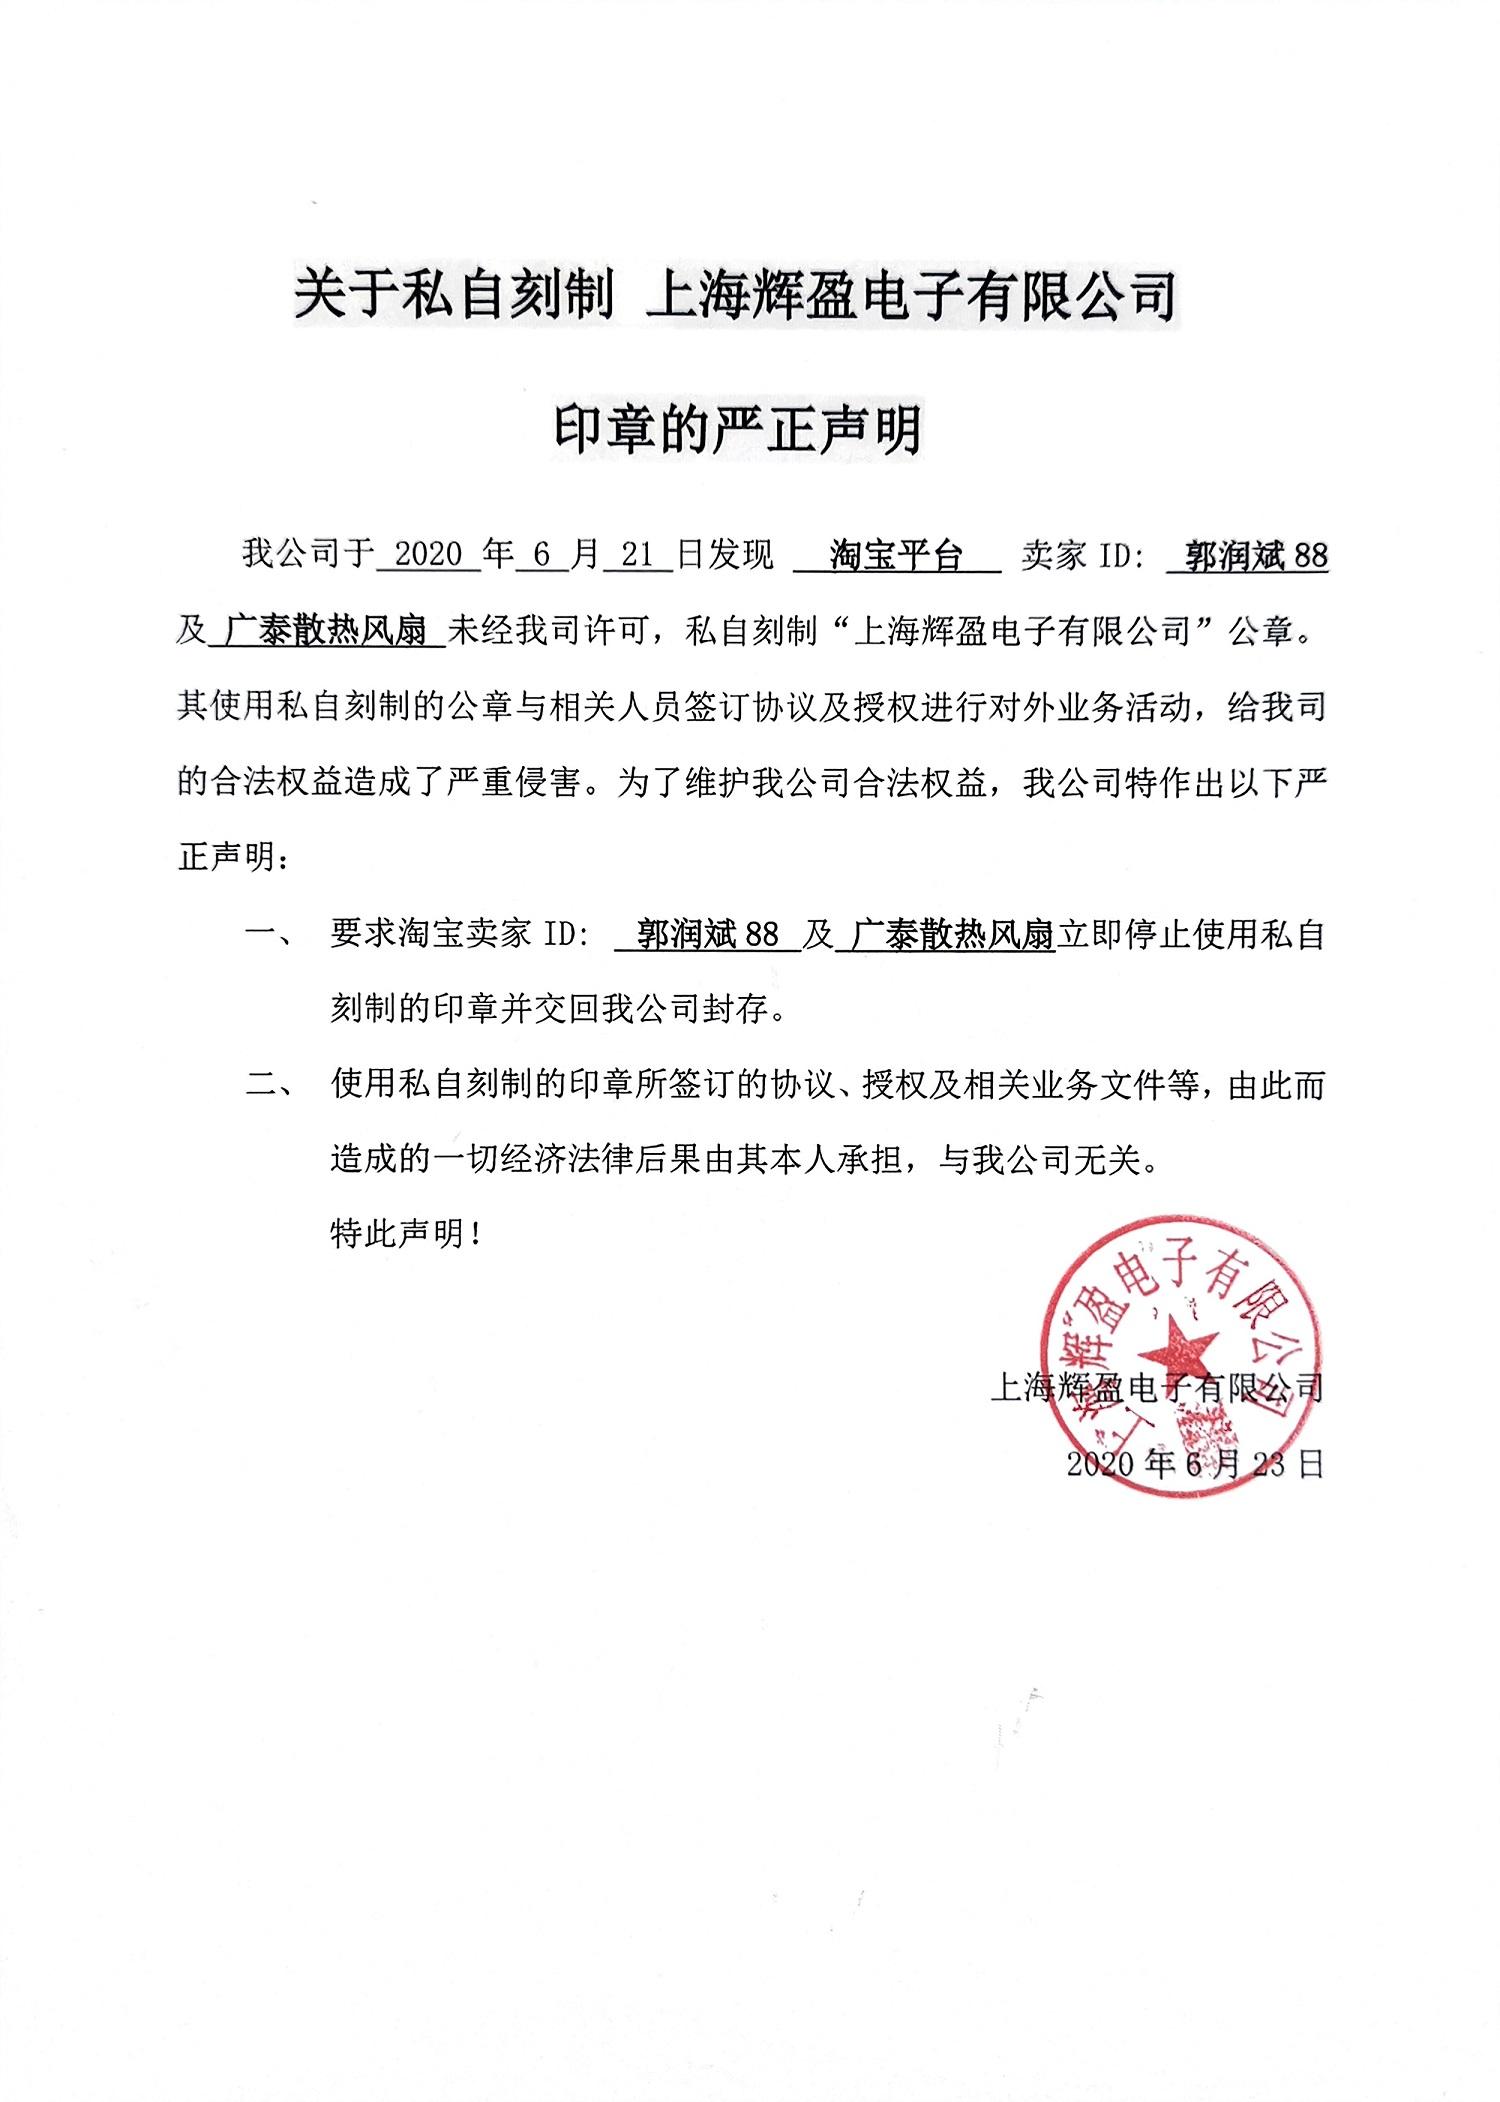 关于私刻上海辉盈电子有限公司印章的严正声明